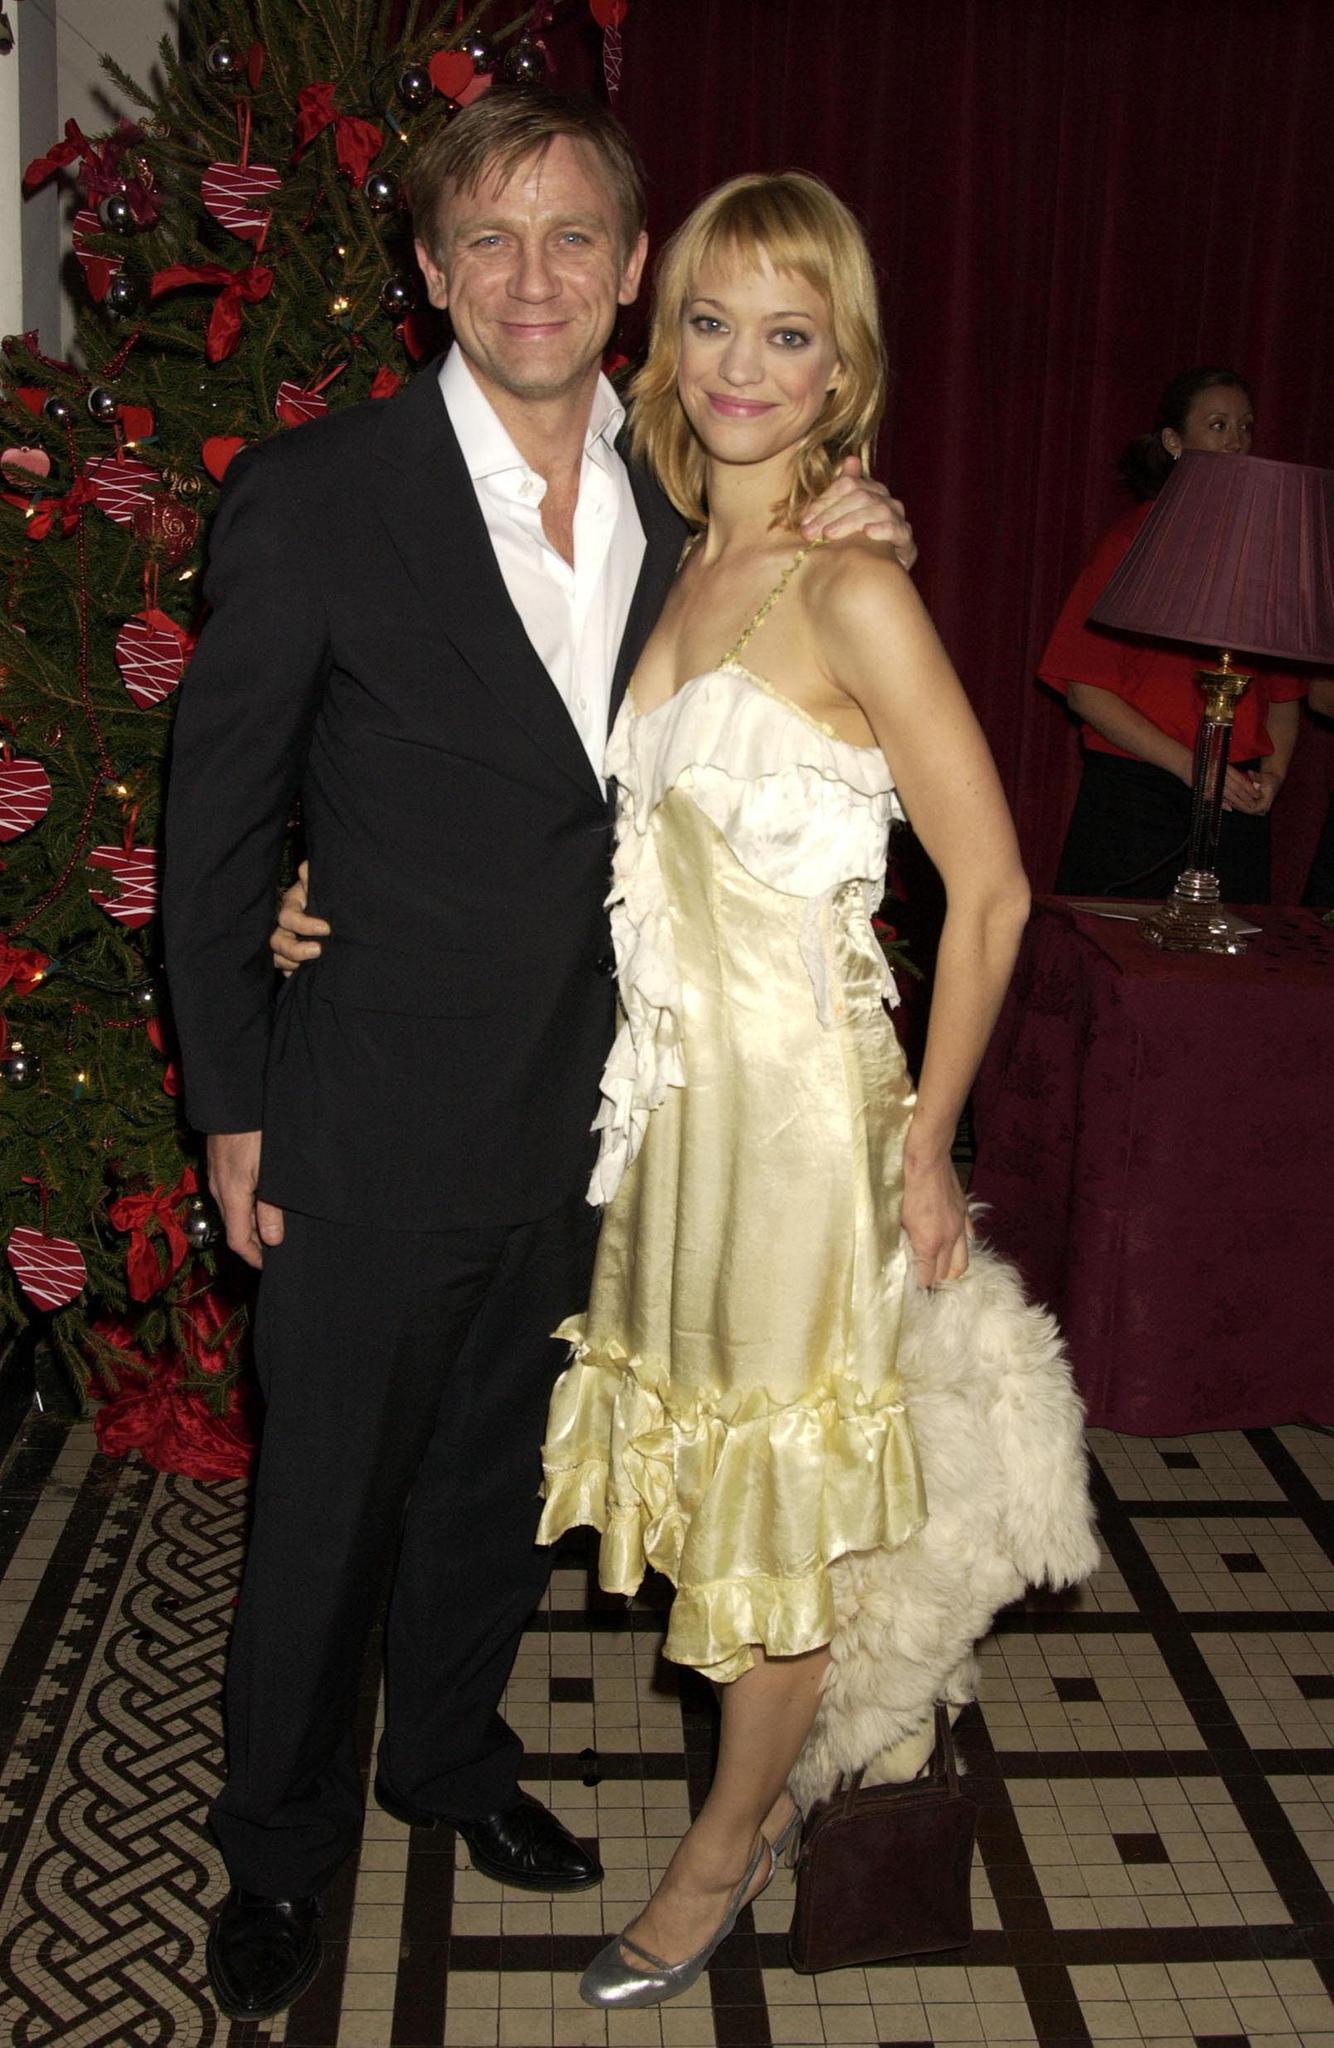 Acht Jahre waren Heike Makatsch und Schauspiel-Kollege Daniel Craig ein Paar. 2004 war dann plötzlich alles aus.